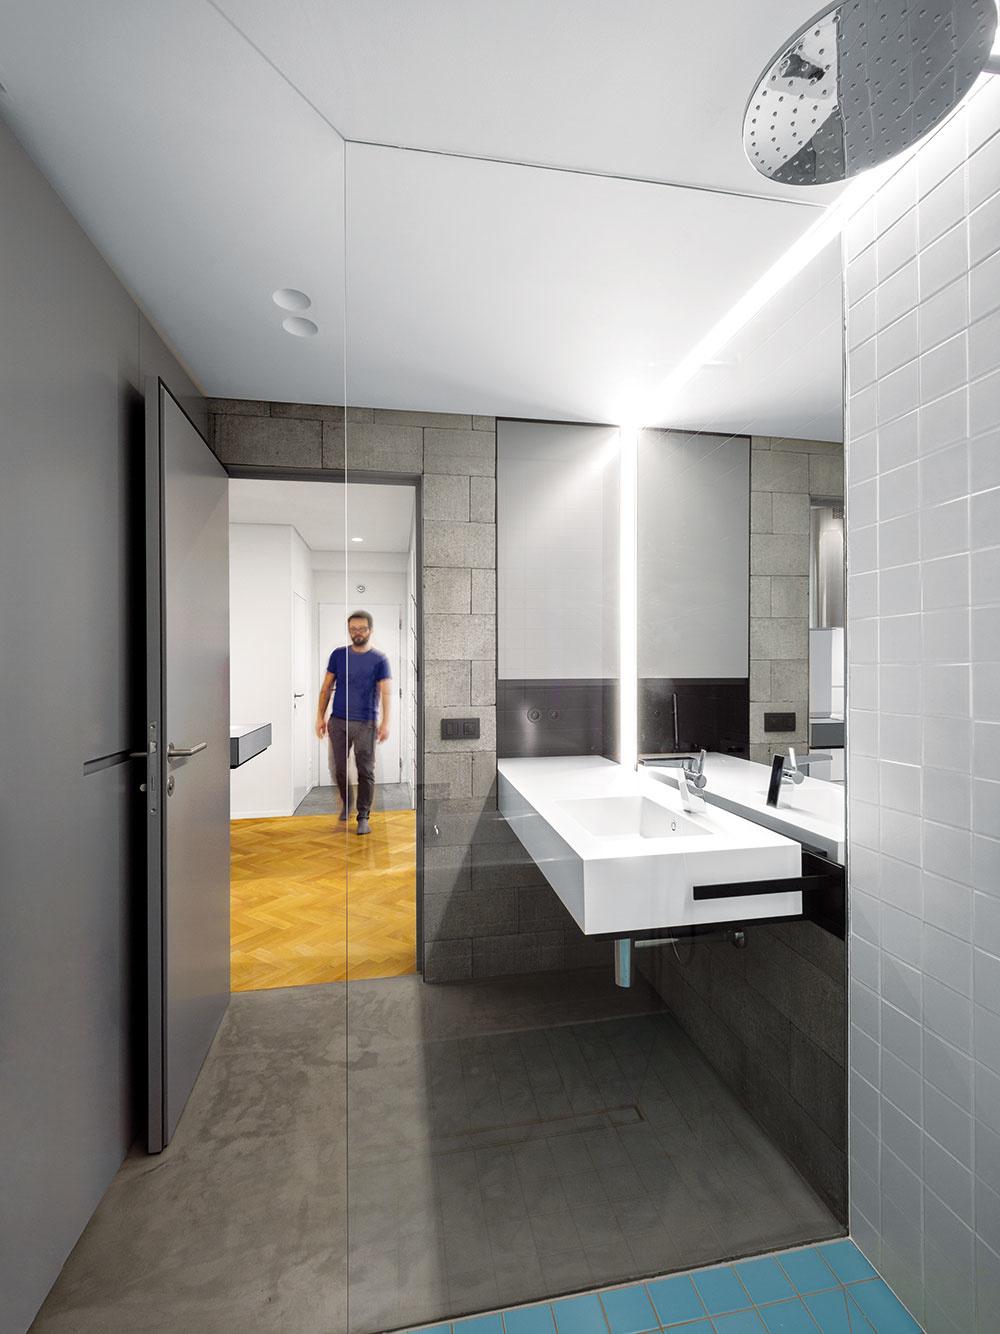 Nová kúpeľňa dostala viac priestoru na novom mieste. Pre tento dispozičný zásah mali architekti pripravených viacero technických variantov, hrúbka askladba podlahy však nakoniec umožnili skryť odpadové potrubie aj pri väčšej vzdialenosti od zvislých rozvodov.